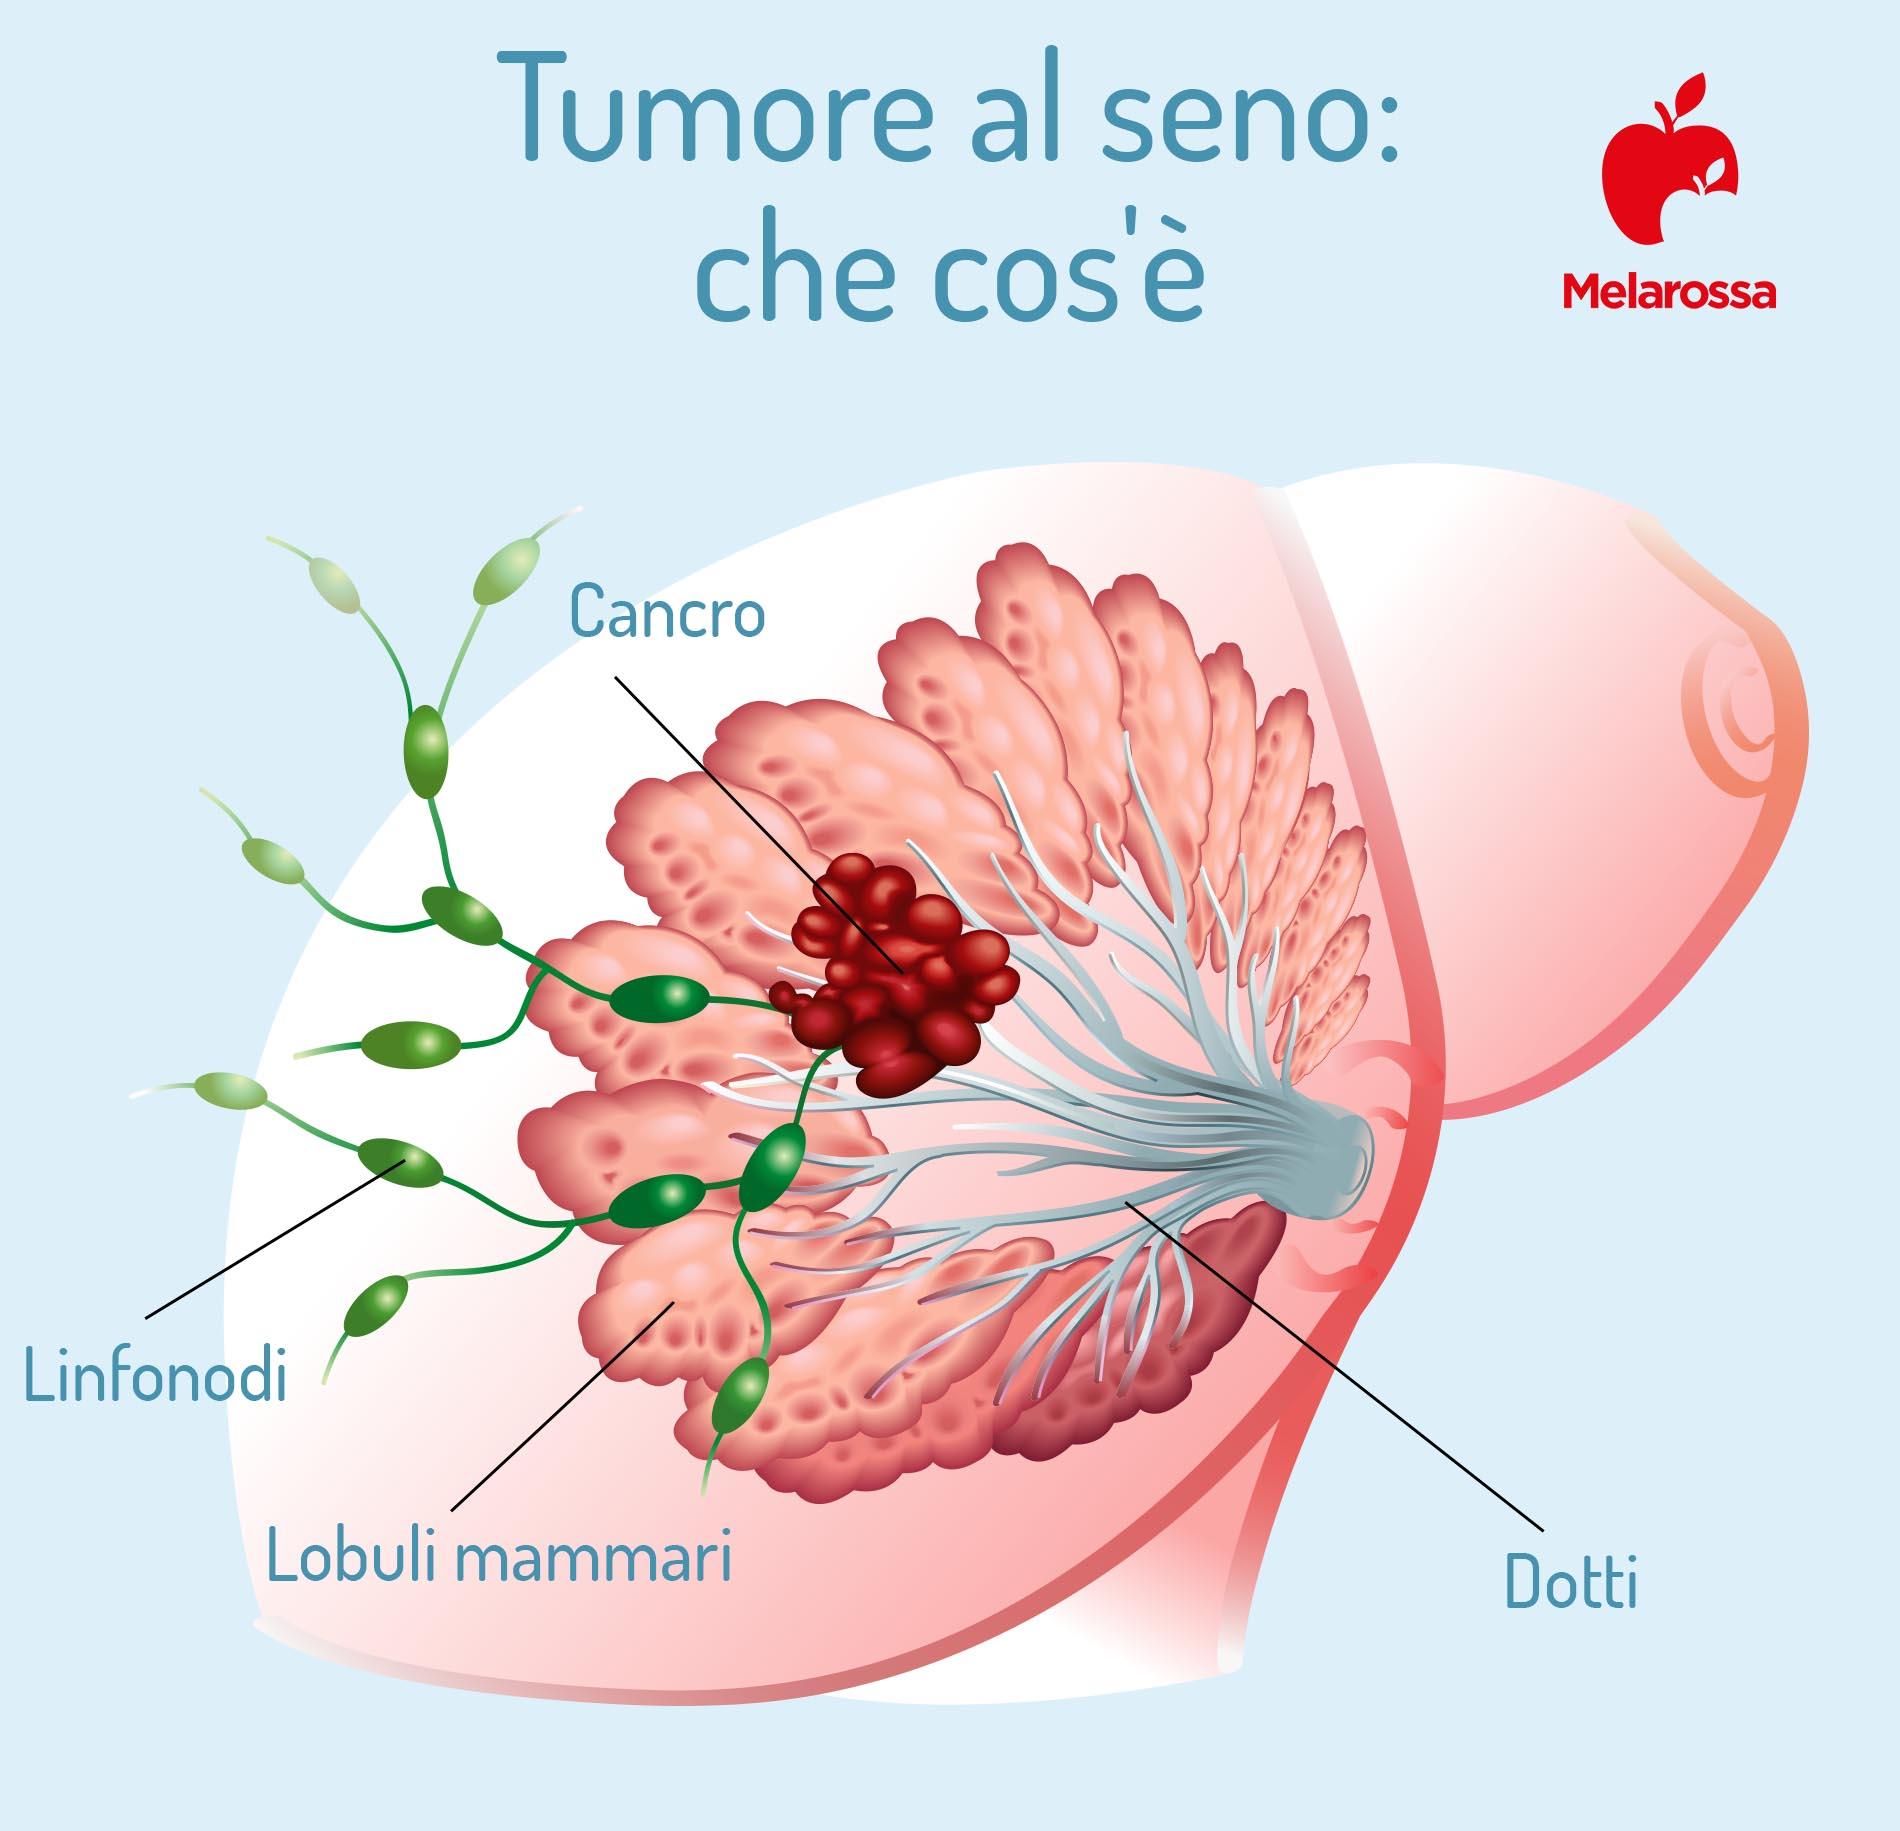 tumore al seno: che cos'è